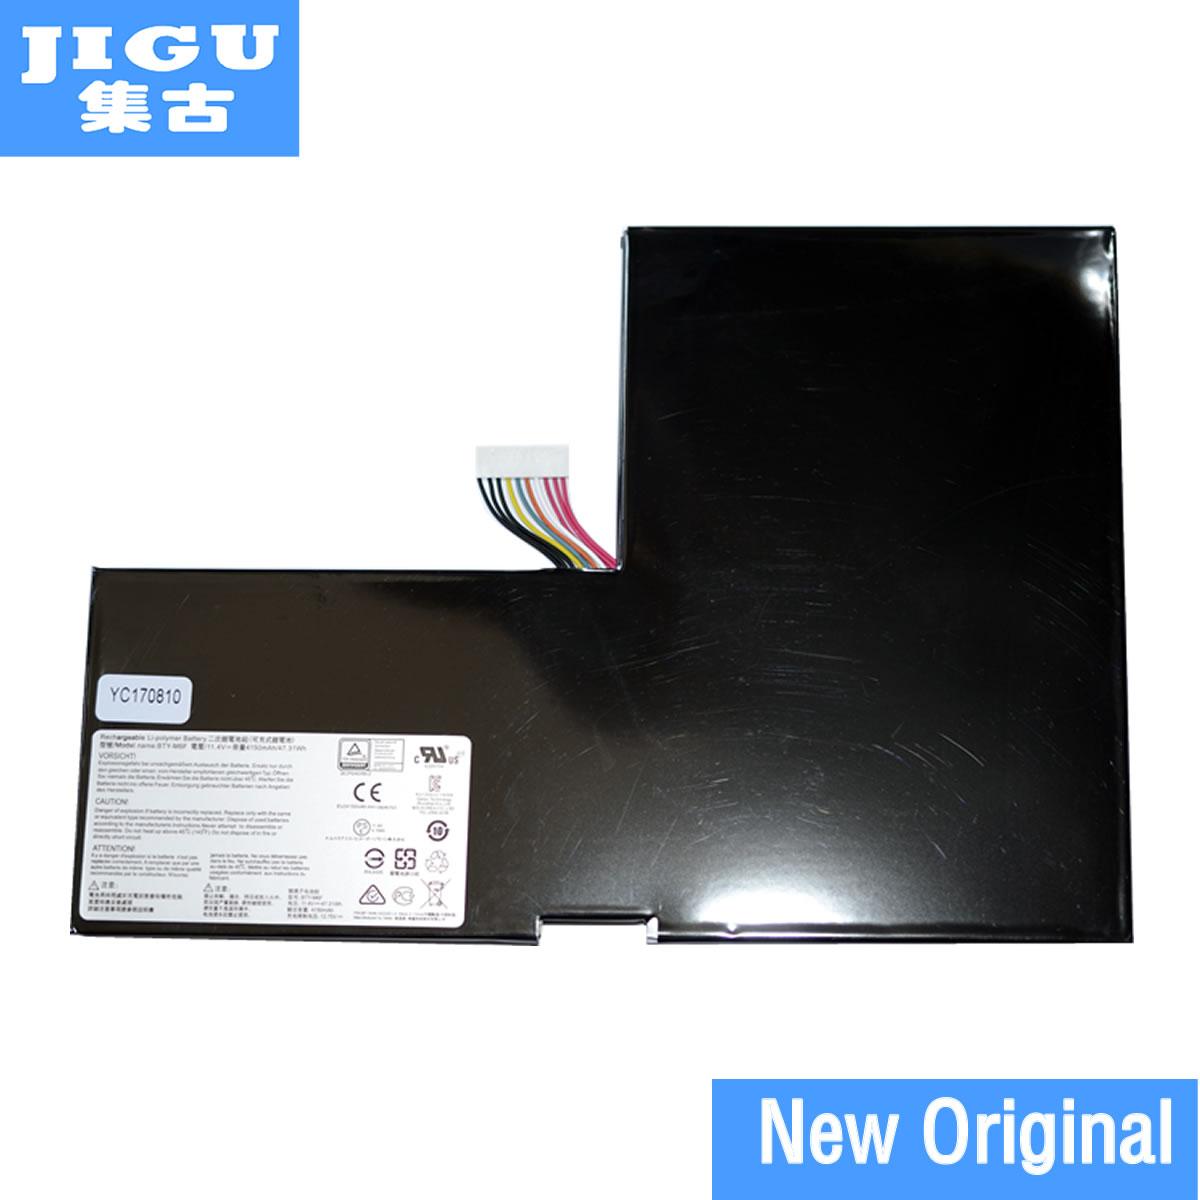 JIGU BTY-M6F MS-16H2 Original Bateria Do Portátil Para MSI 16H2 GS60 PX60 2PL 2 pc 2PE 2QC 2QD 2QE 6QC 6QE BTY-M6F Baterias